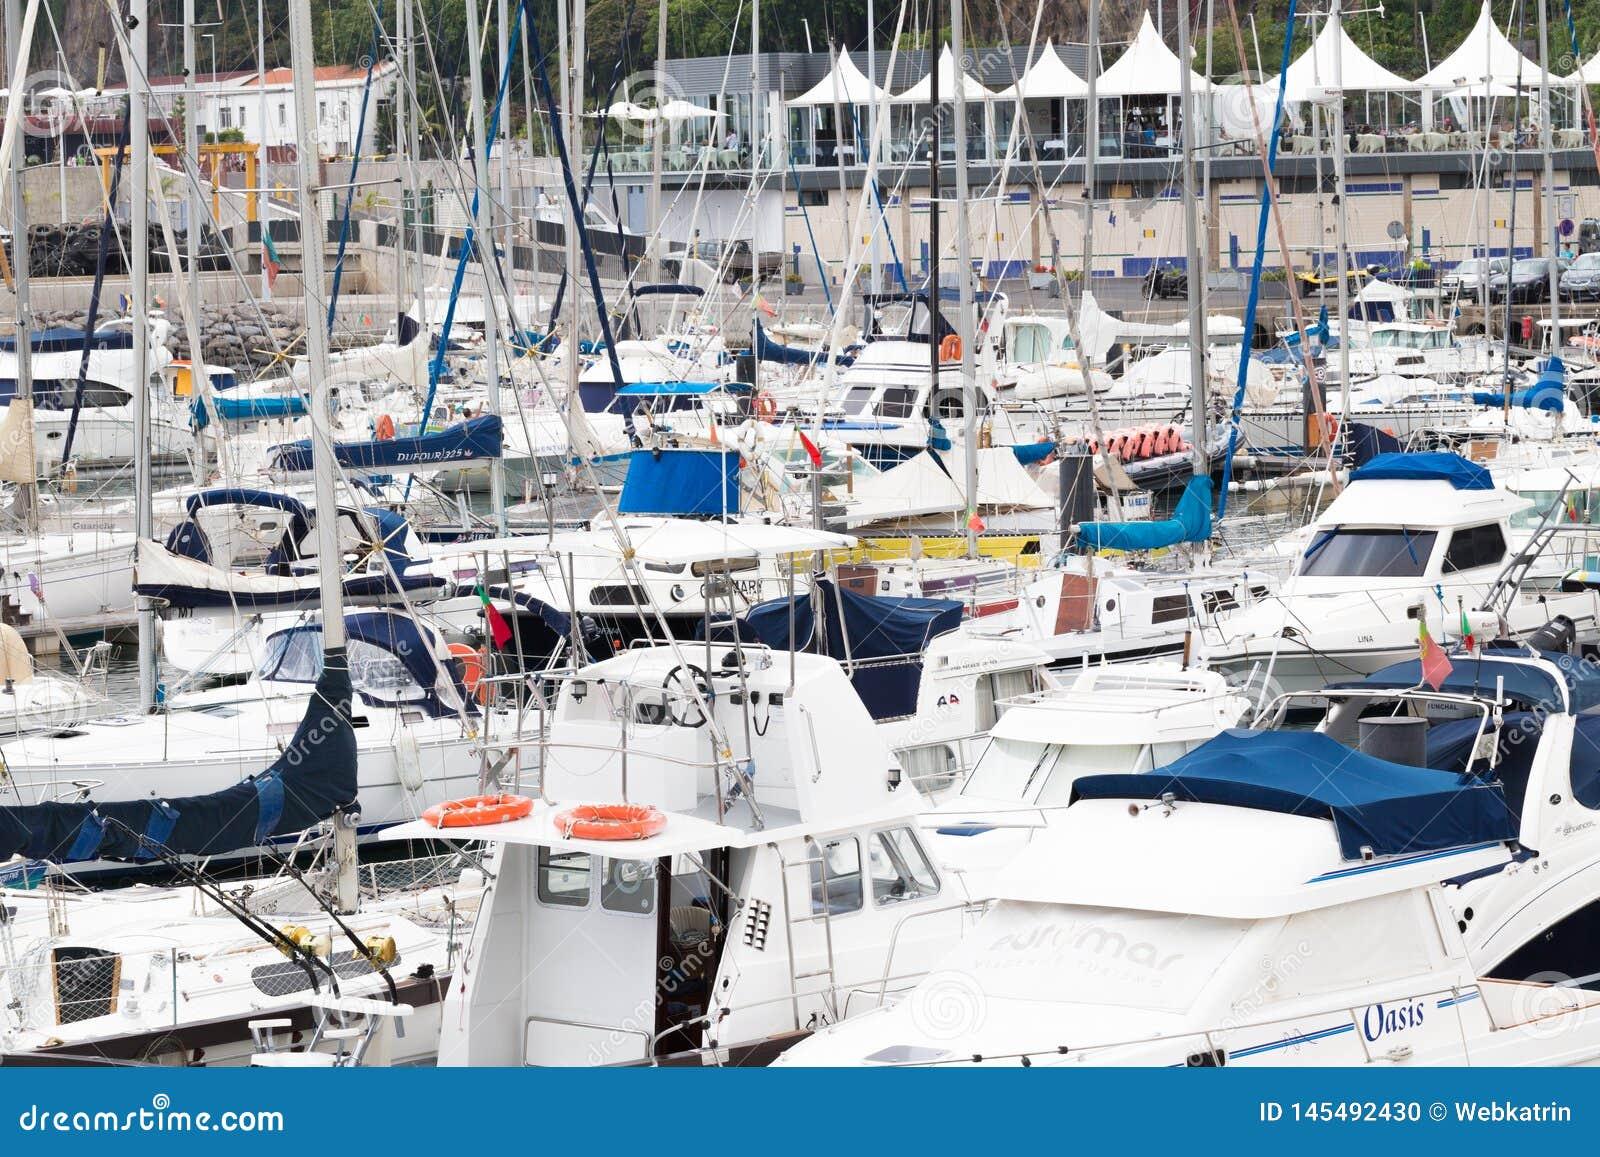 FUNCHAL, MADERA, PORTUGAL - JULI 22, 2018: Vele jachten en boten in de jachthaven van Funchal